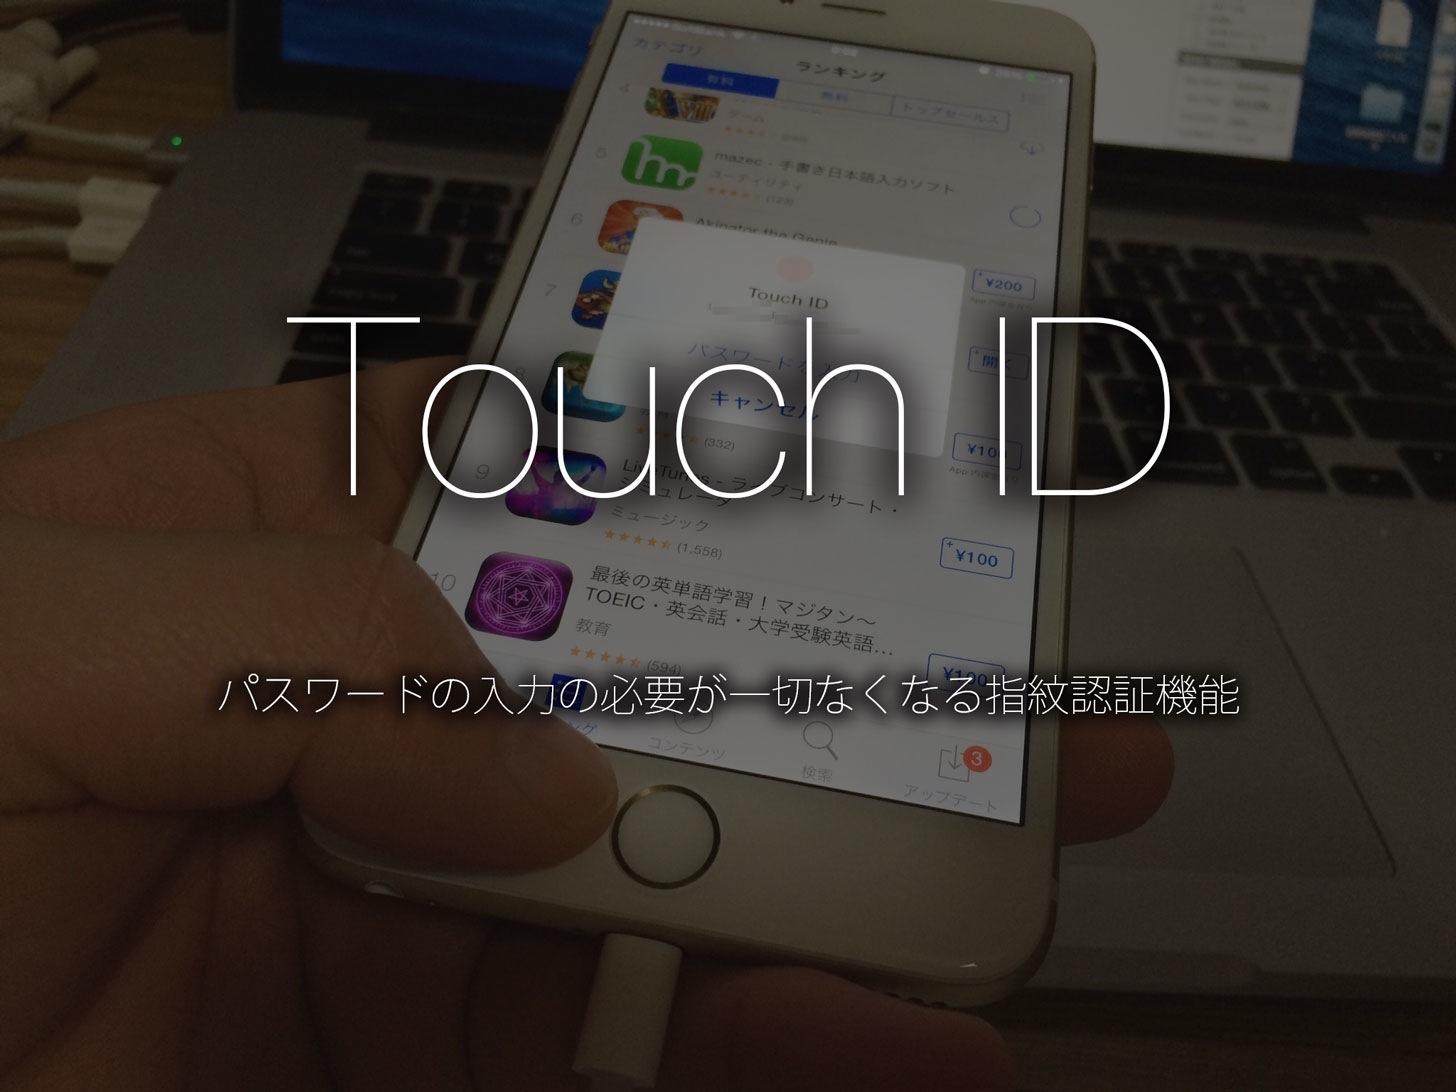 iPhone 6 / 6 Plusの指紋認証センサー(TouchID)の設定方法。